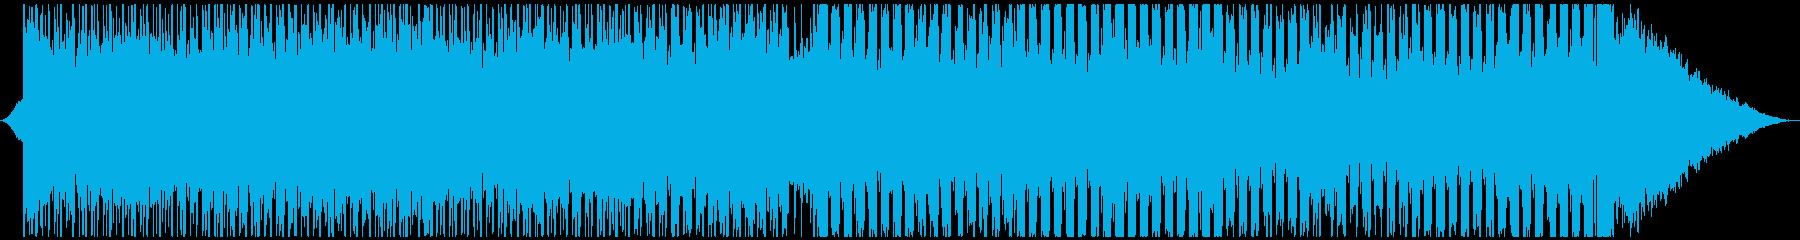 ハウス ダンス プログレッシブ ラ...の再生済みの波形